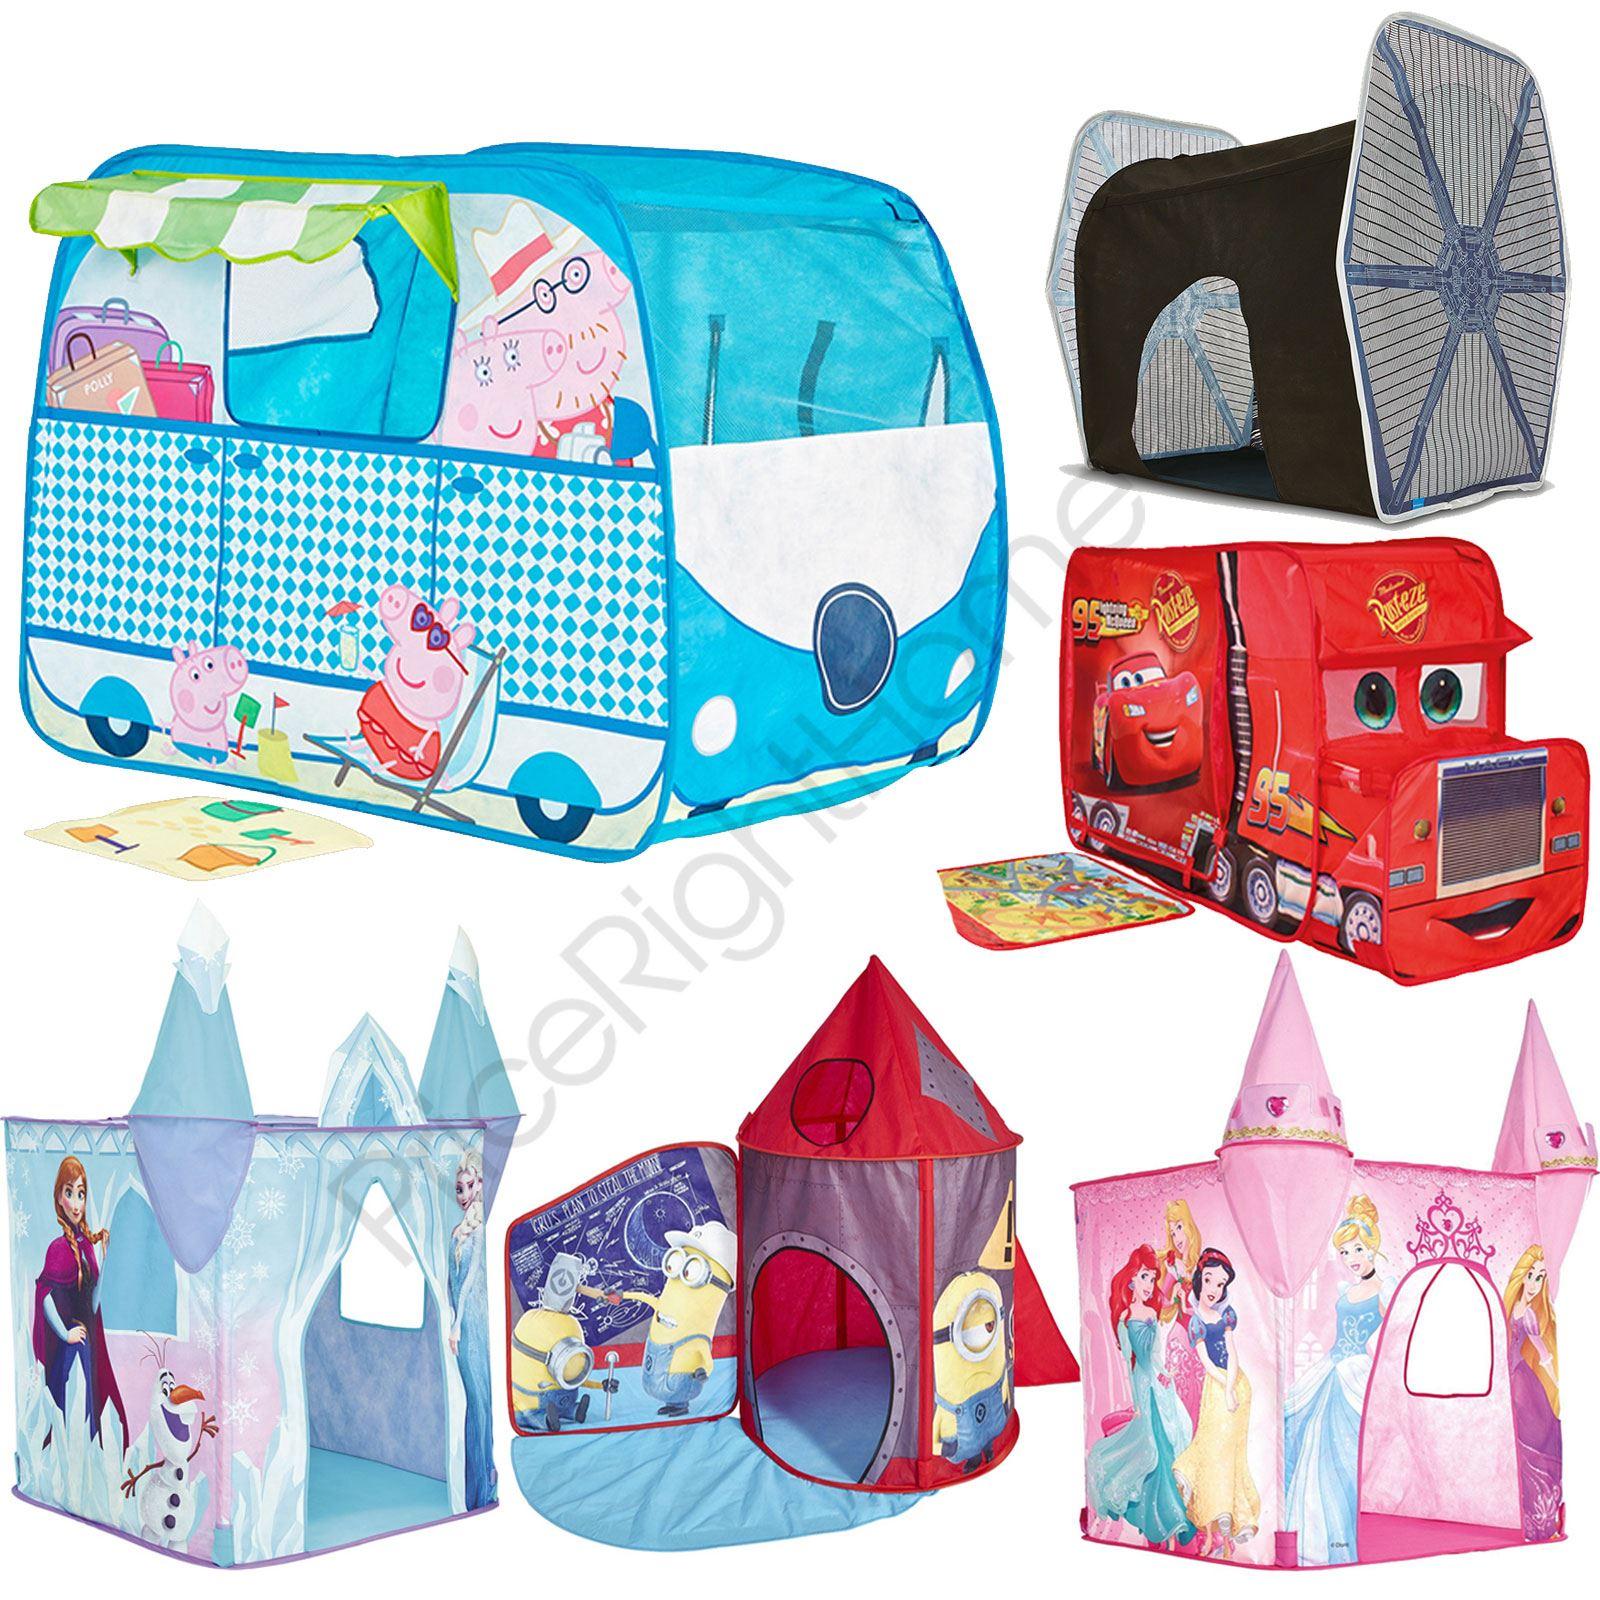 5ba56d31d5a1 Details about POP UP PLAY TENTS FEATURE KIDS DISNEY PRINCESS, FROZEN, CARS,  MINIONS FREE P+P